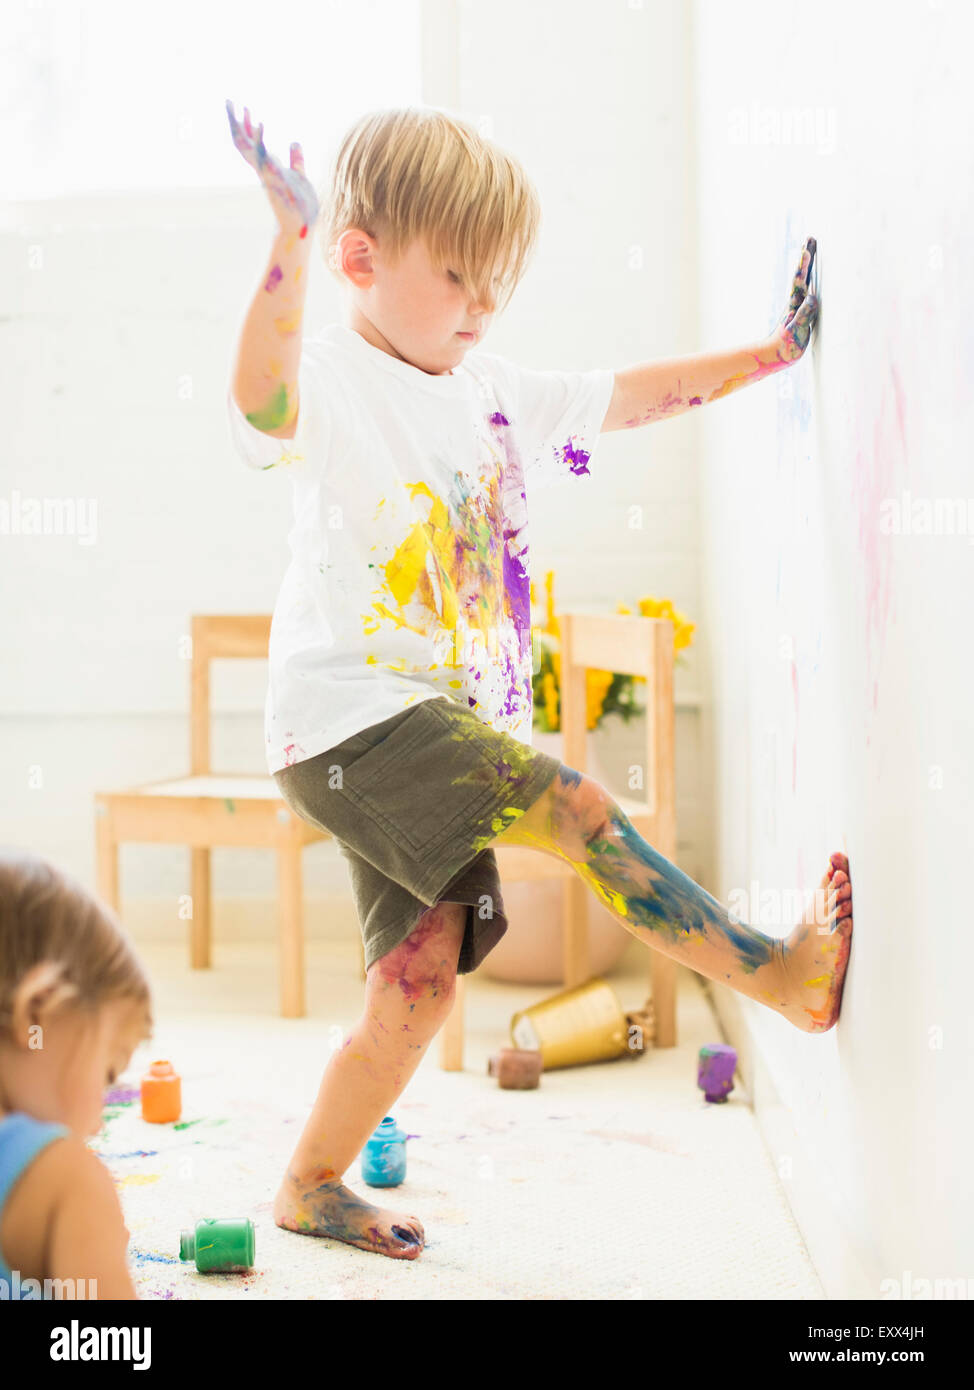 Boy (2-3) peinture sur le mur avec les mains et les jambes Photo Stock